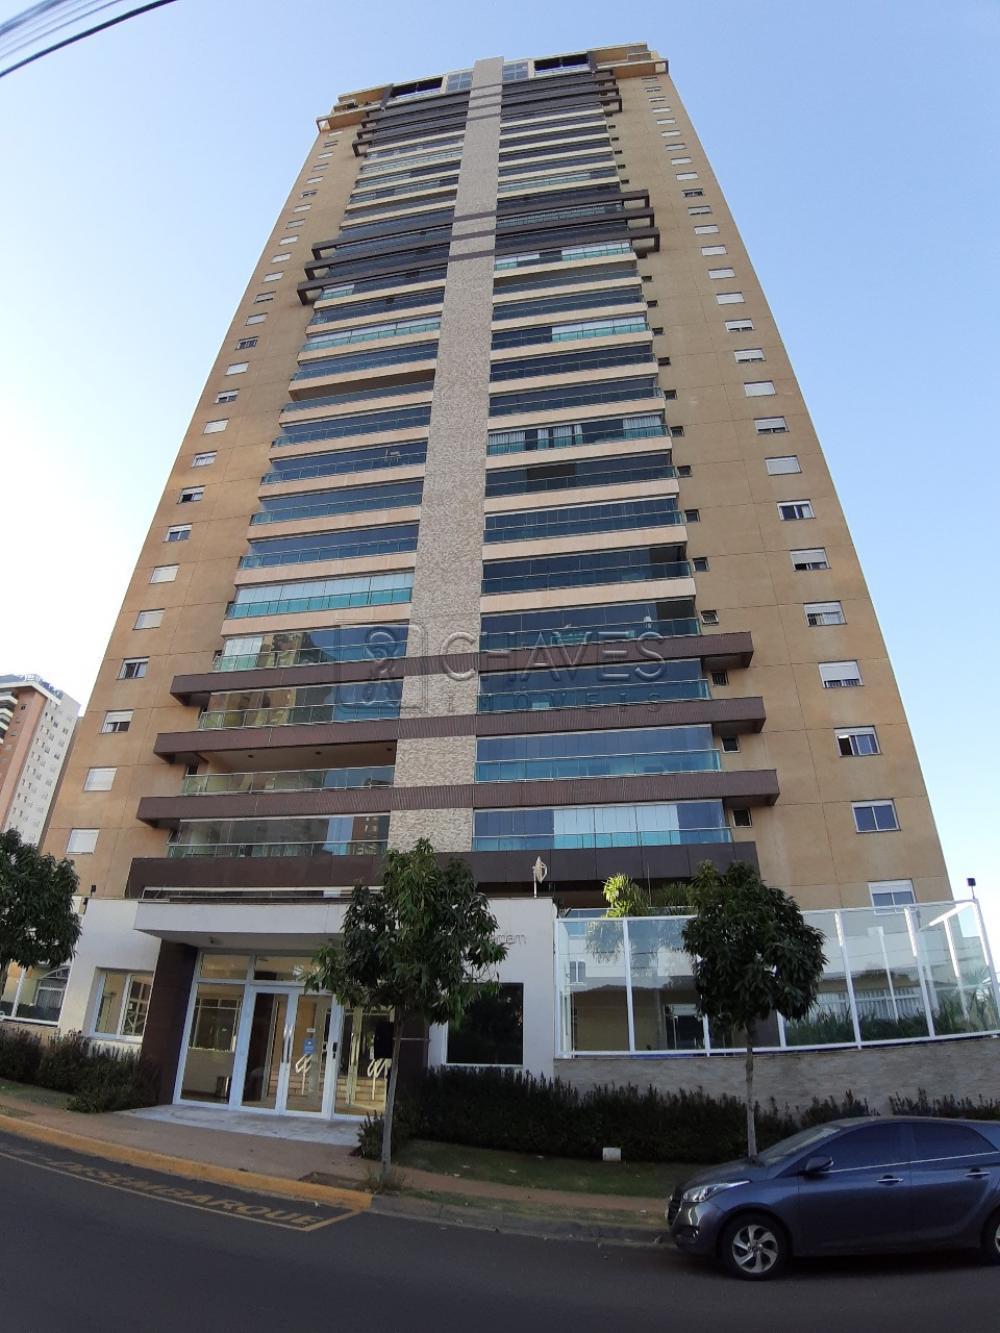 Comprar Apartamento / Padrão em Ribeirão Preto R$ 1.480.000,00 - Foto 1